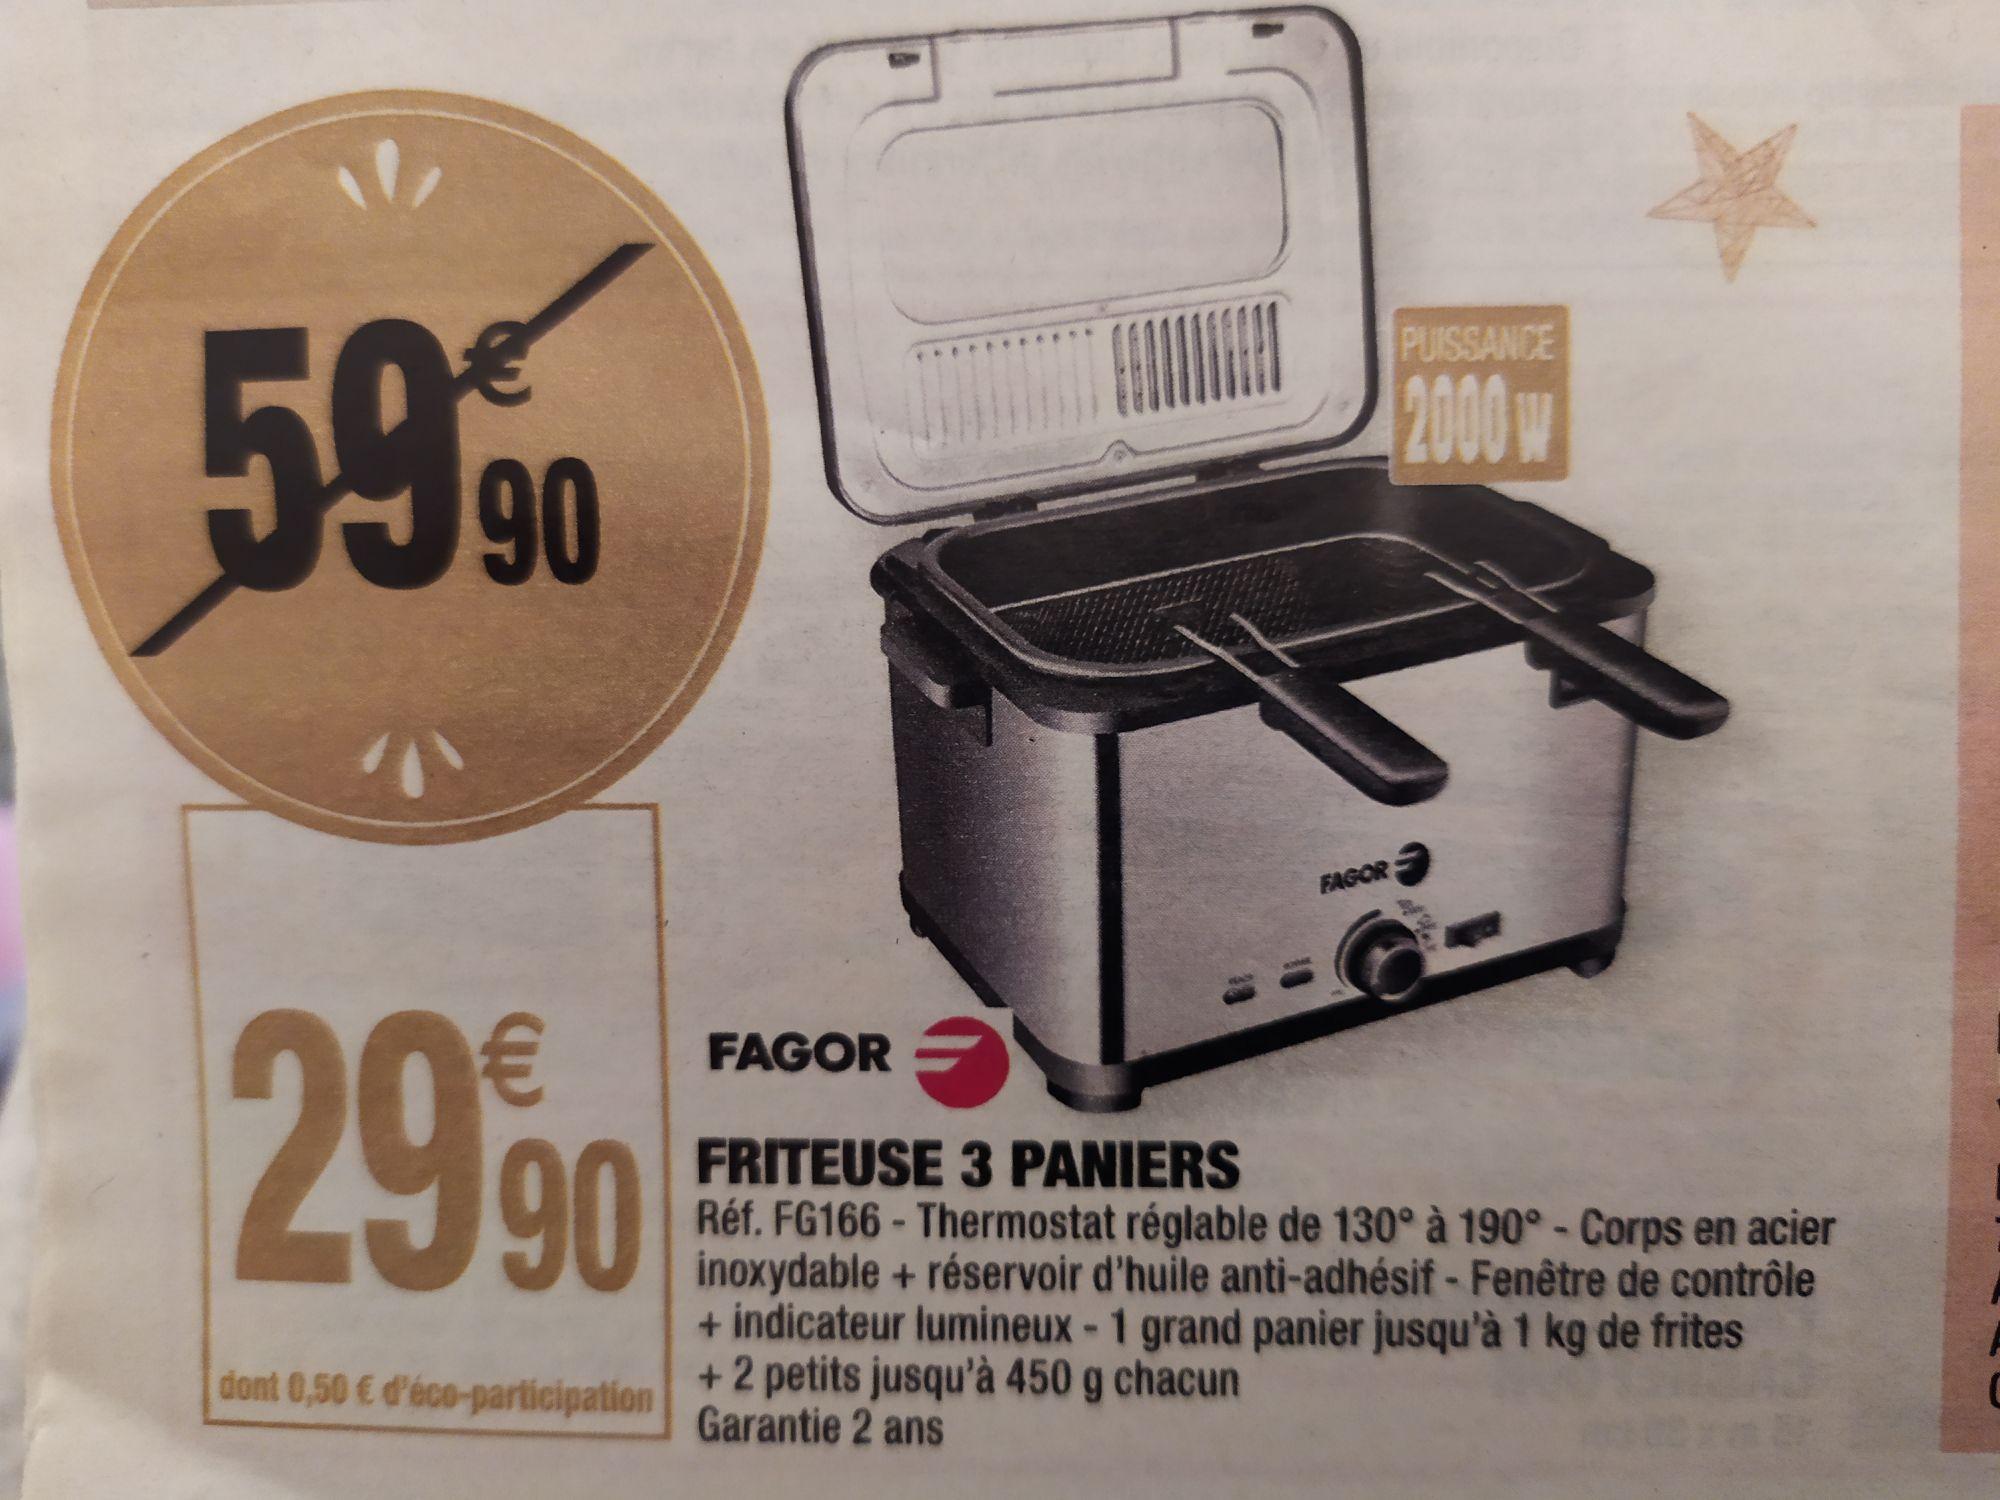 Friteuse 3 paniers Fagor FG166